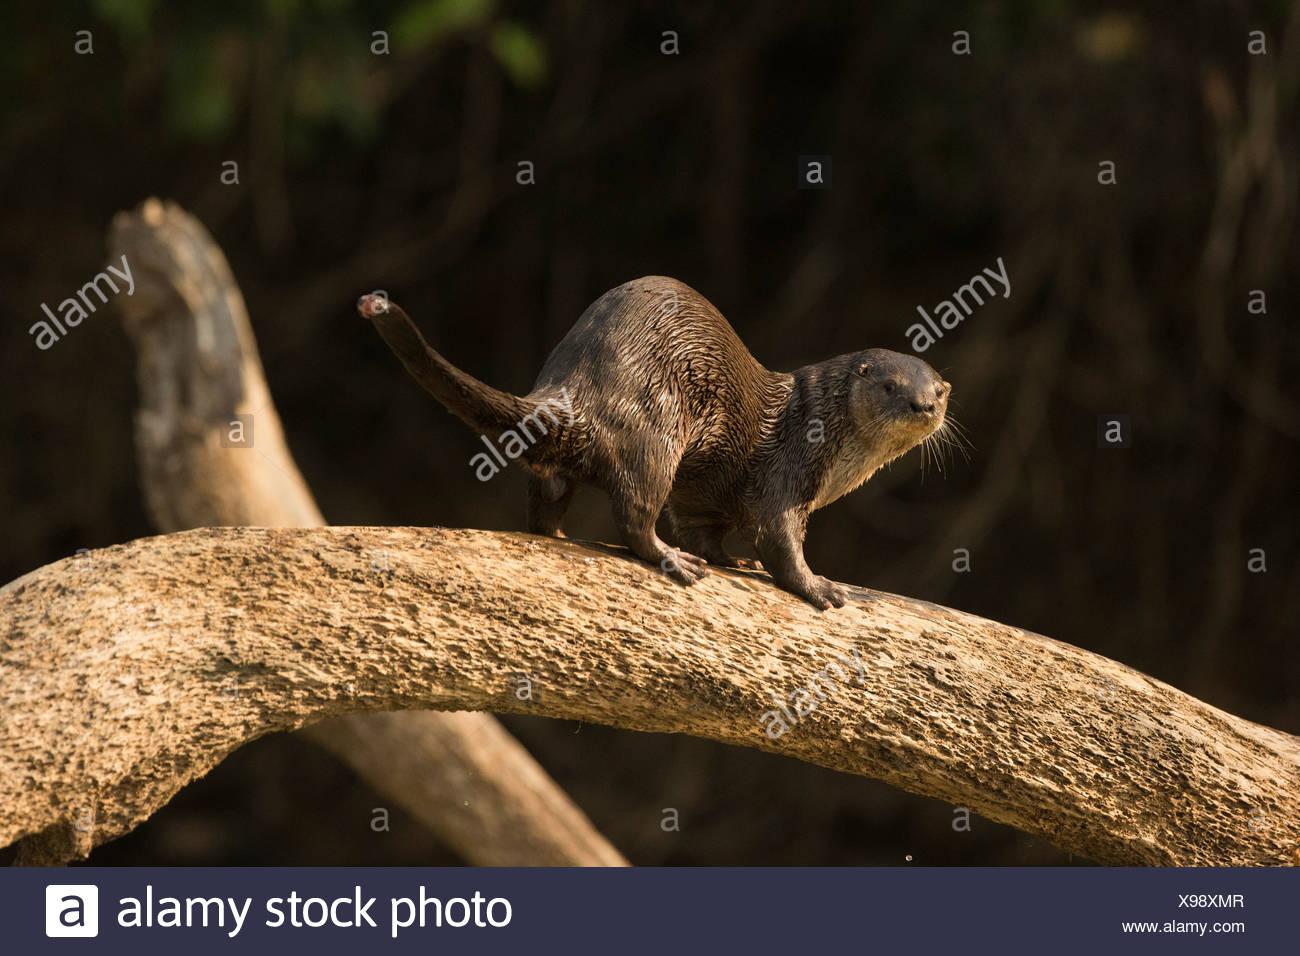 Rivière néotropicale/Otter le long de rivière, Mato Grosso, Pantanal, Brésil, Amérique du Sud (Lontra longicaudis) Banque D'Images